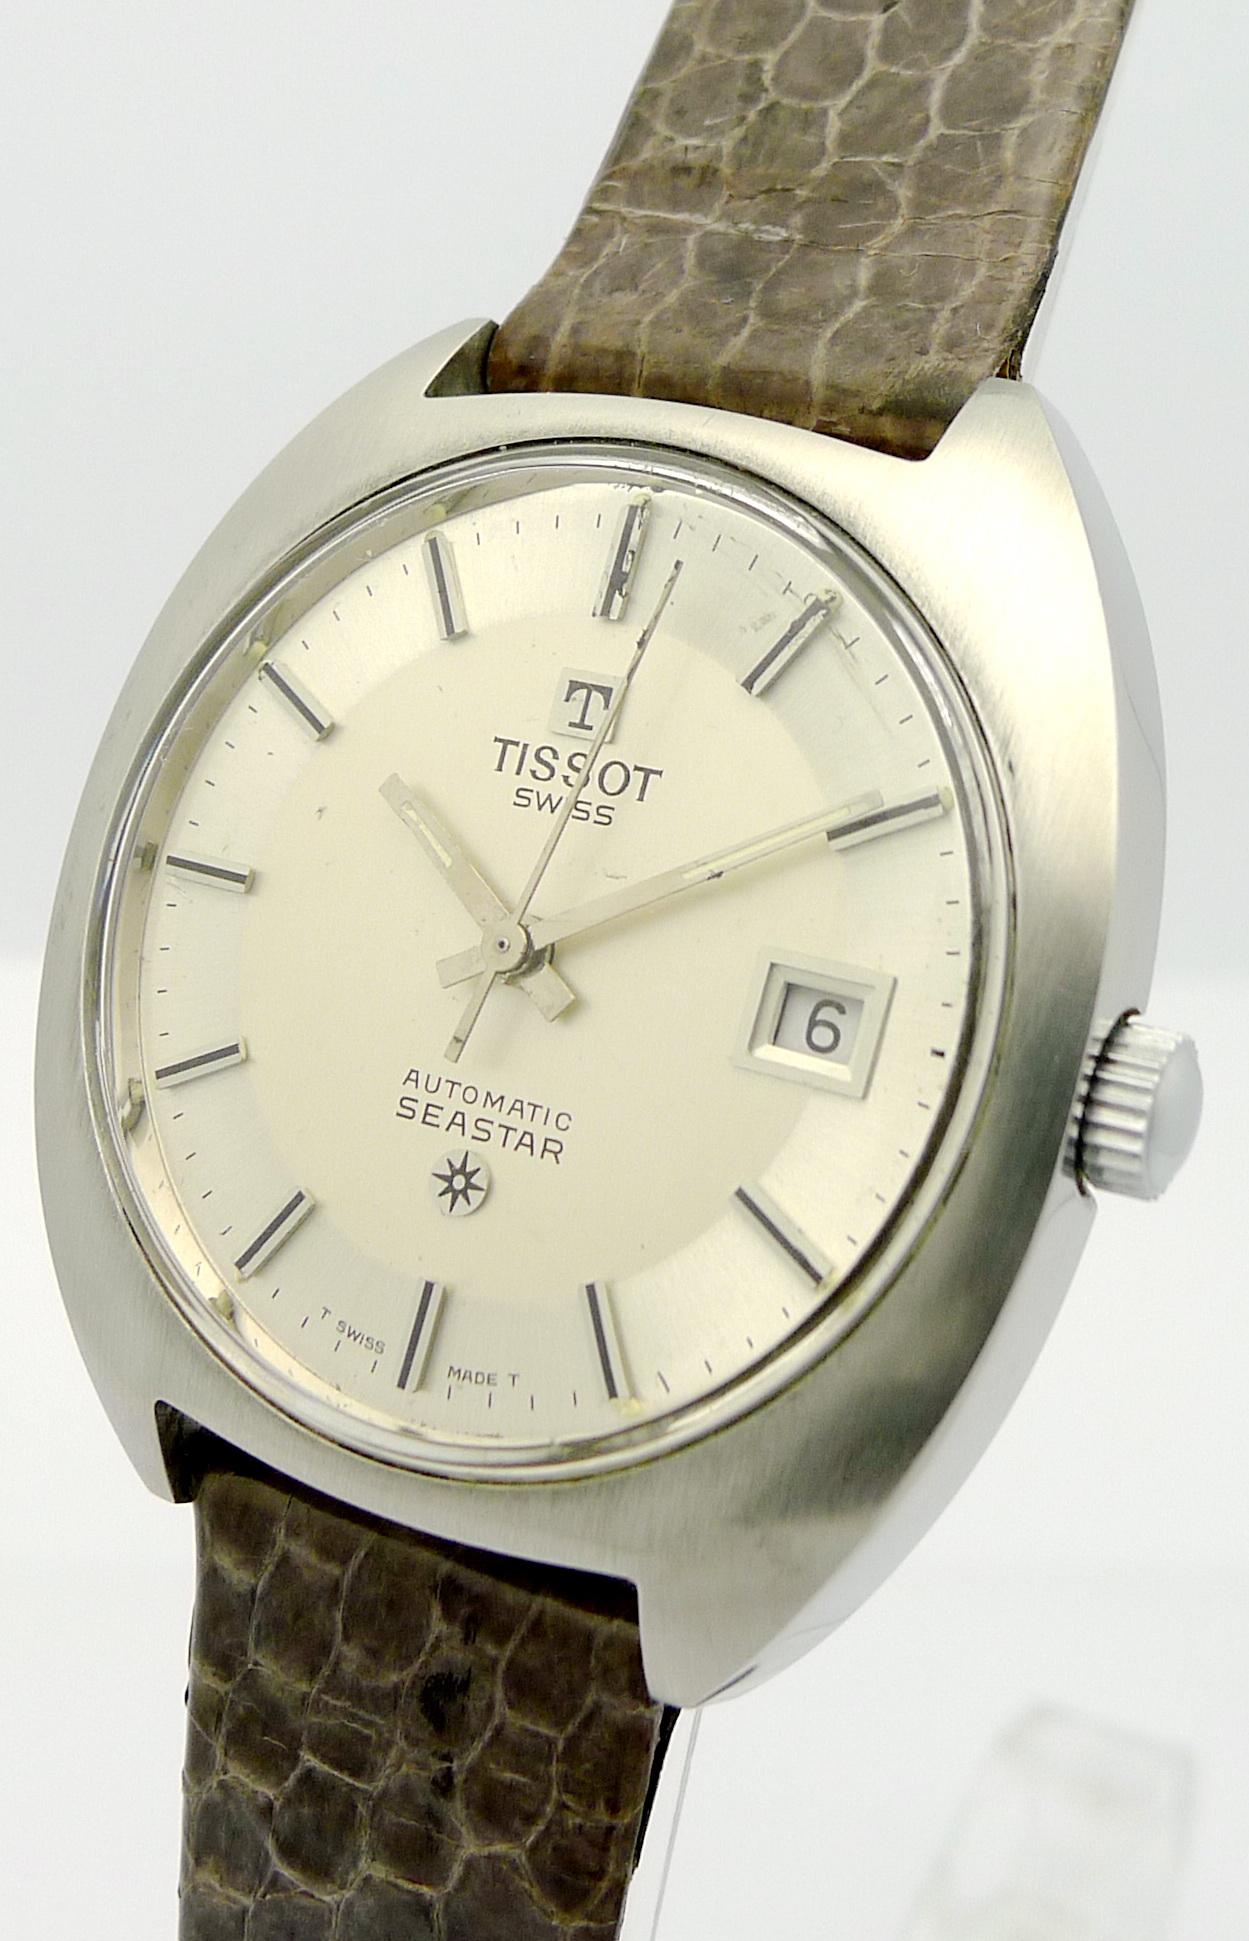 tissot seastar stahl herren automatik armbanduhr aus den 70er jahre. Black Bedroom Furniture Sets. Home Design Ideas